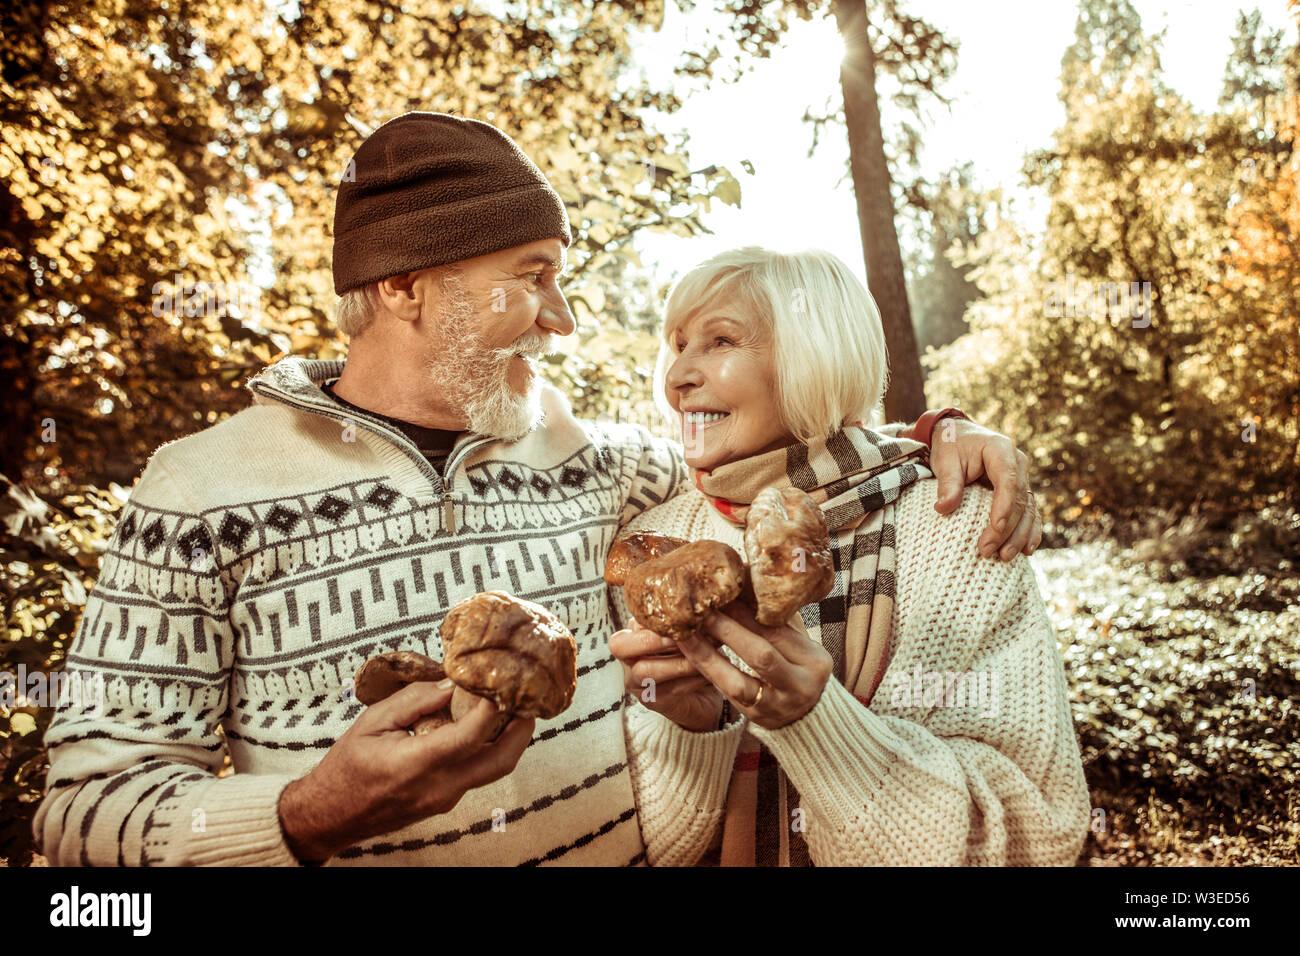 Heureux couple holding big champignons et s'étreindre. Photo Stock